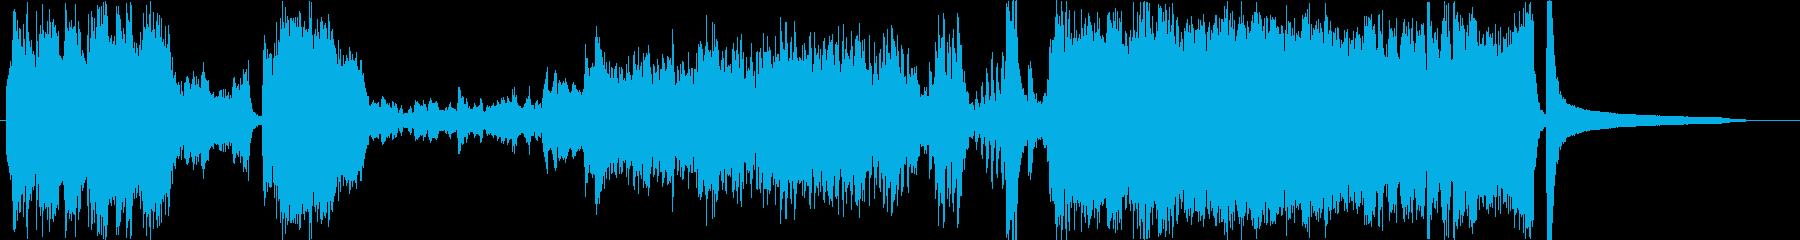 壮大な大河ドラマっぽいオーケストラ曲の再生済みの波形